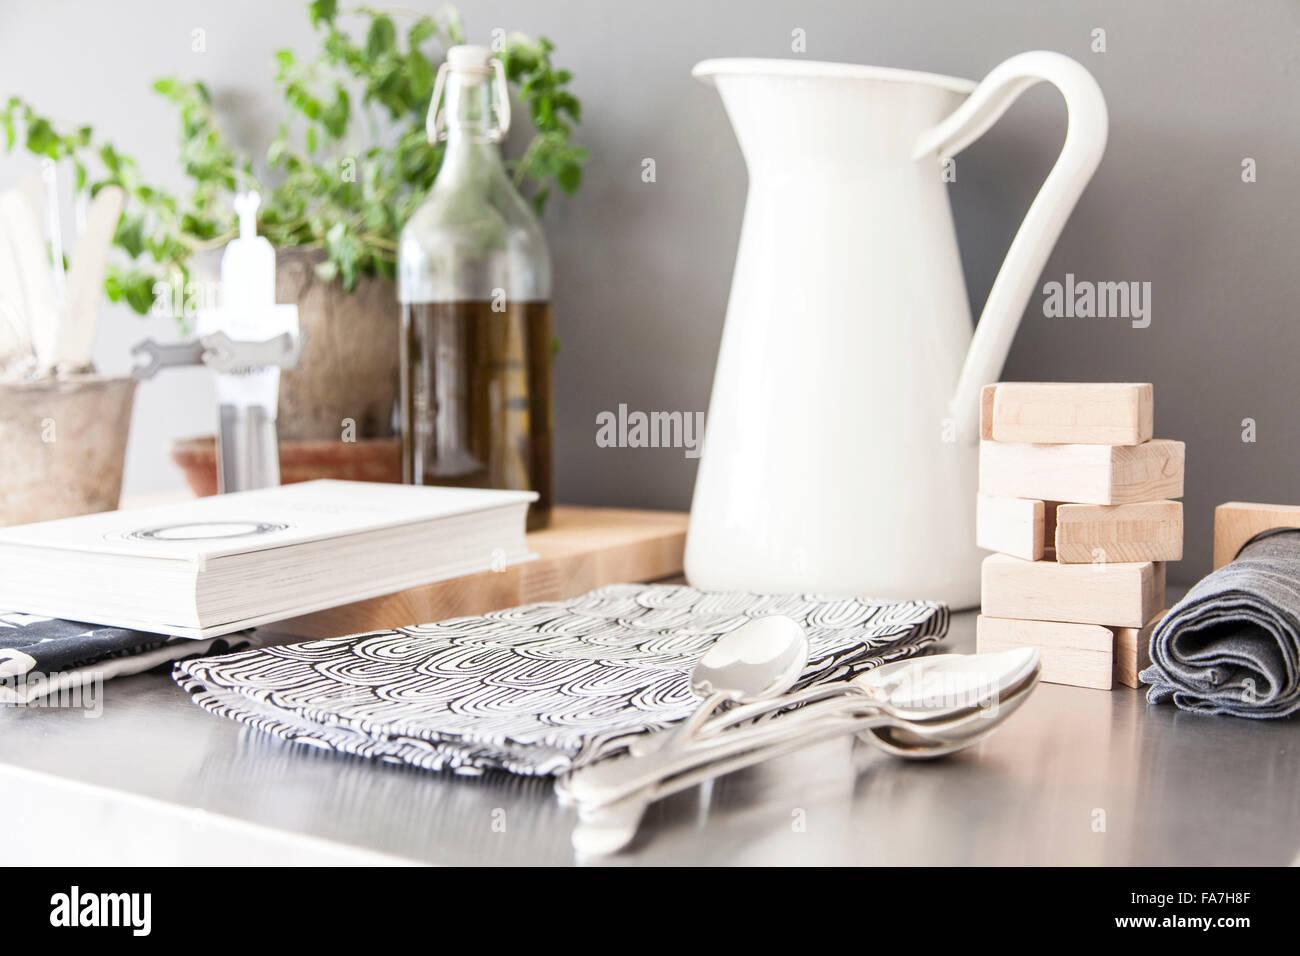 Küche Wagen ein Haus verbindet modernen minimalistischen Stil mit ...